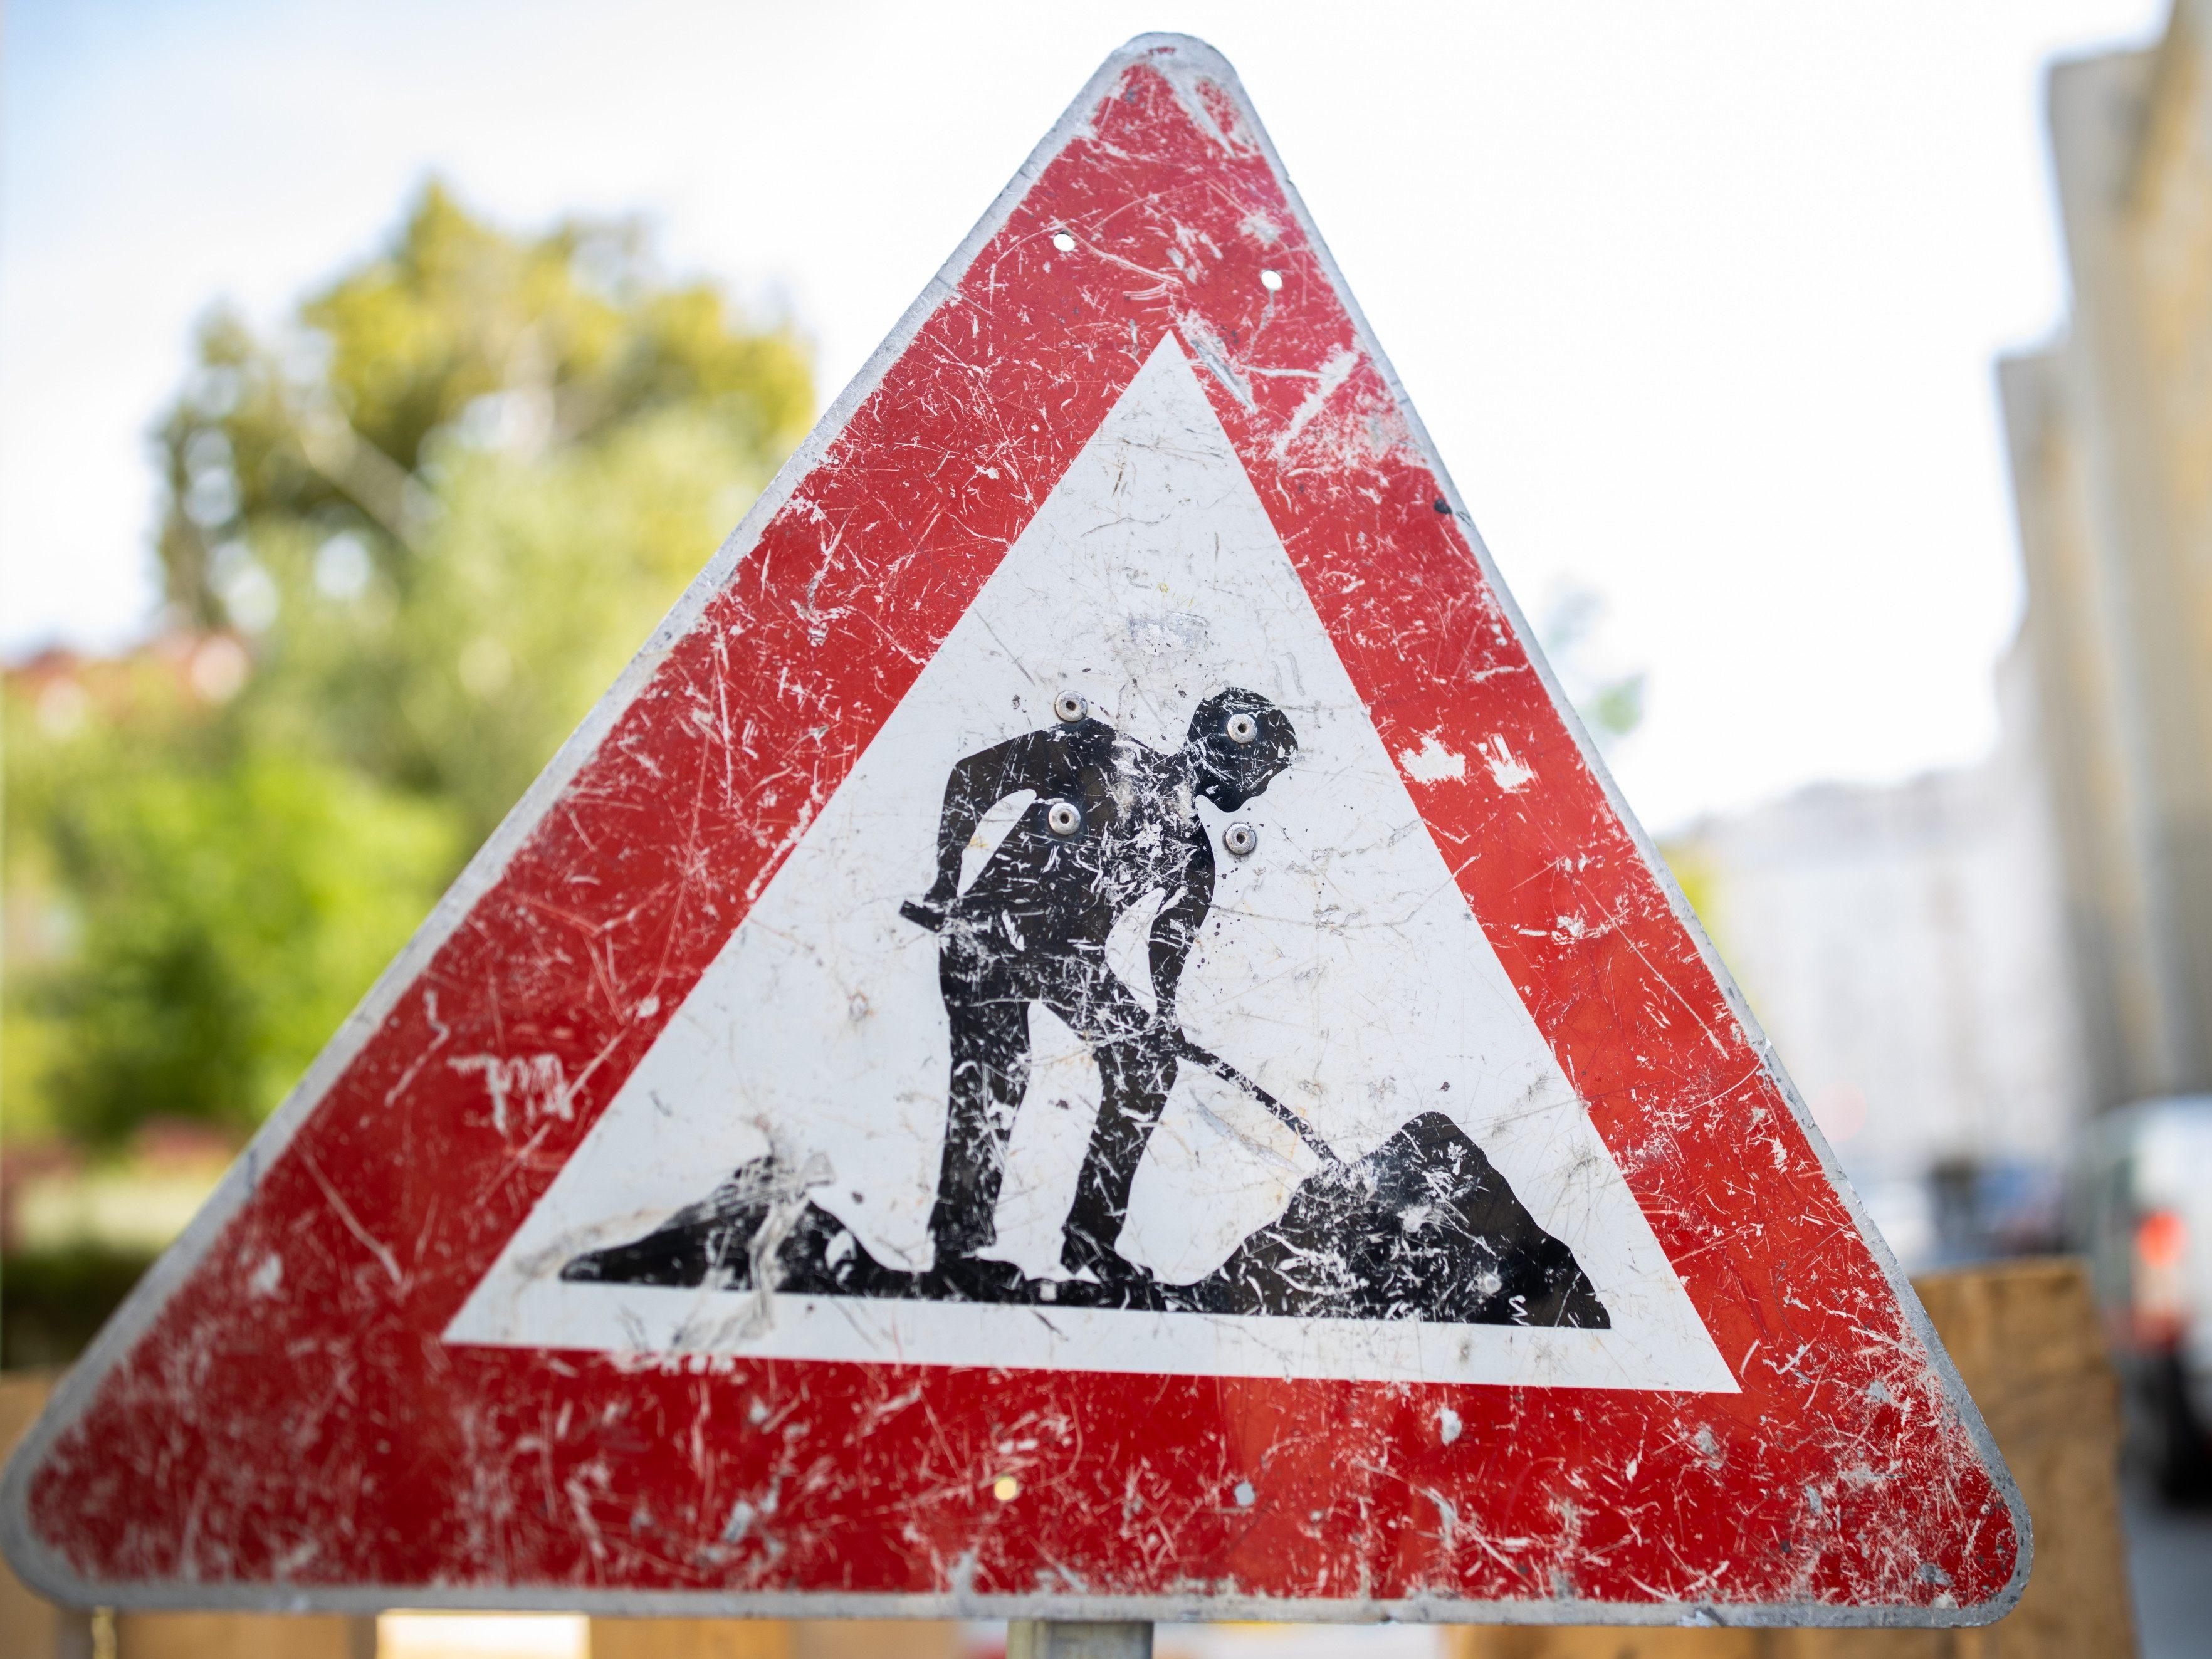 wien-ottakring-sanierungsarbeiten-in-der-wilhelminenstra-e